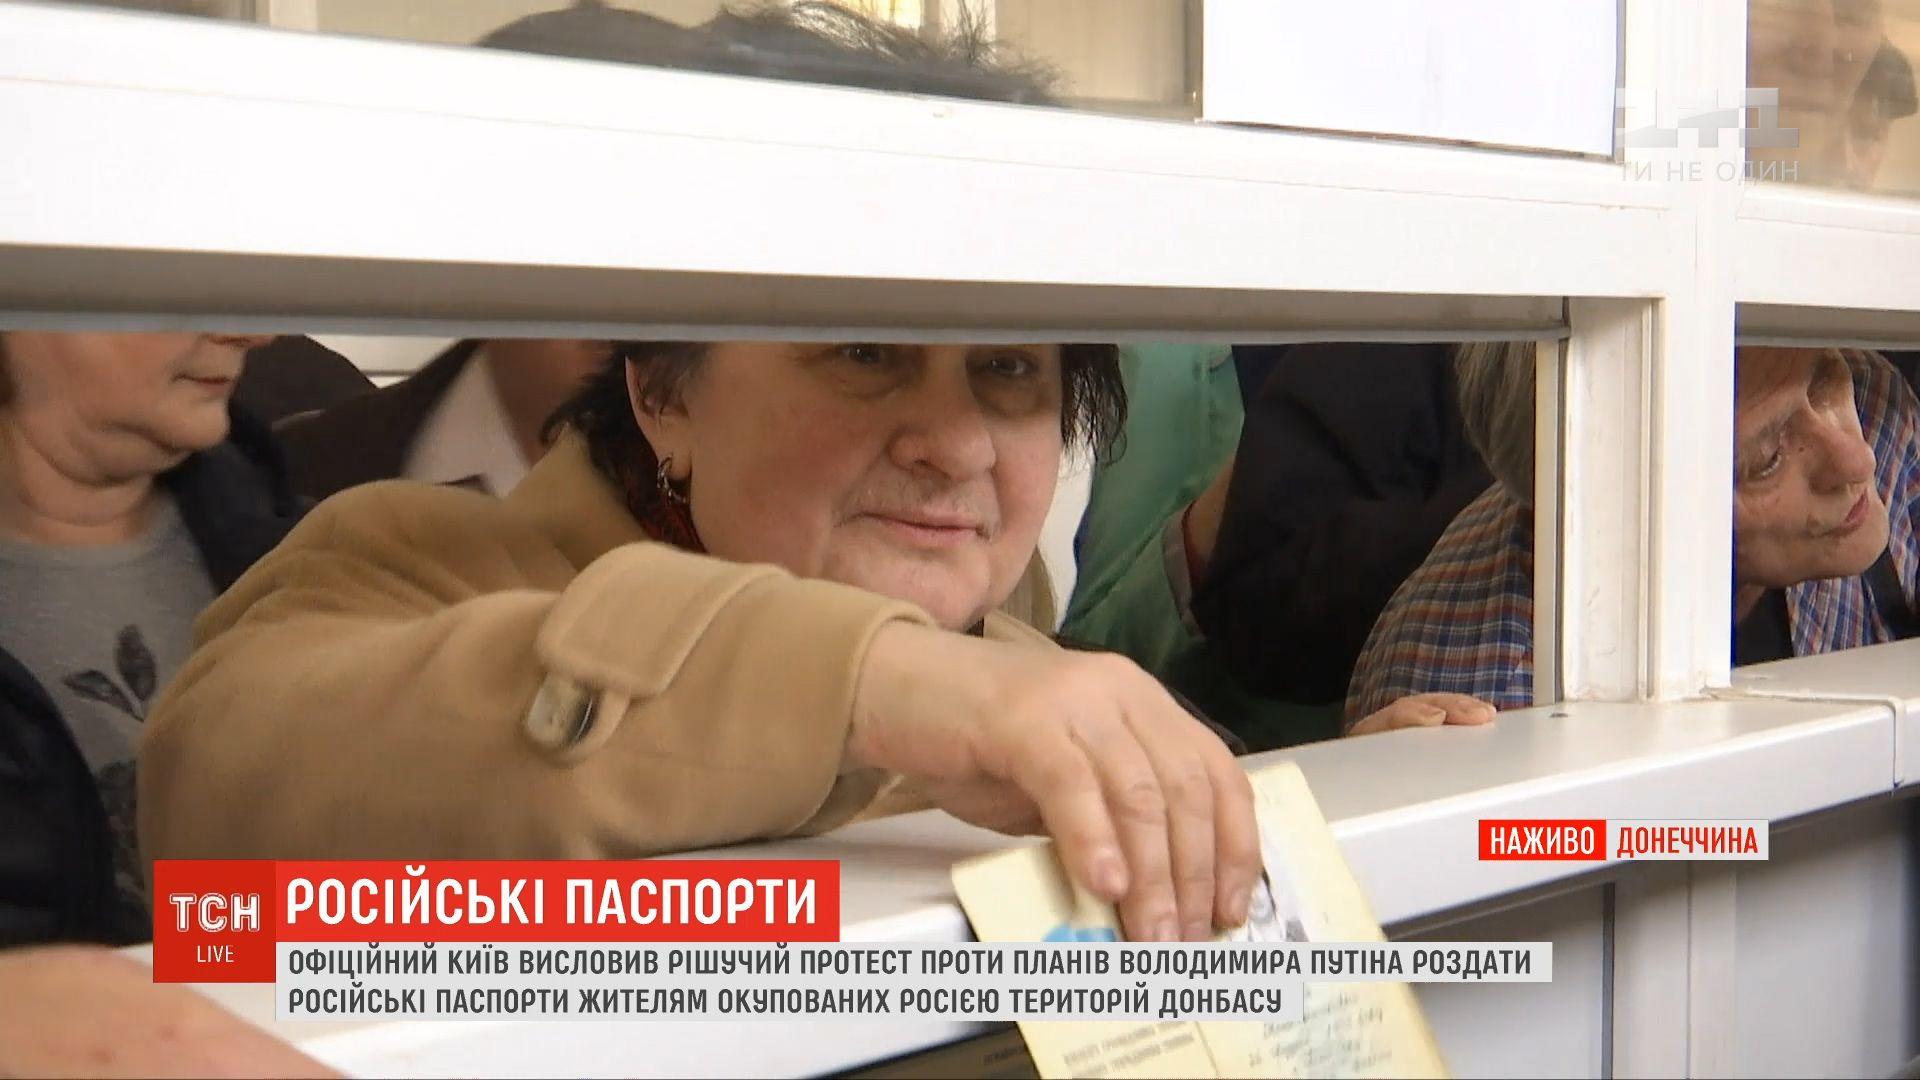 Проверить, есть ли у человека паспорт РФ, чрезвычайно сложно / скриншот